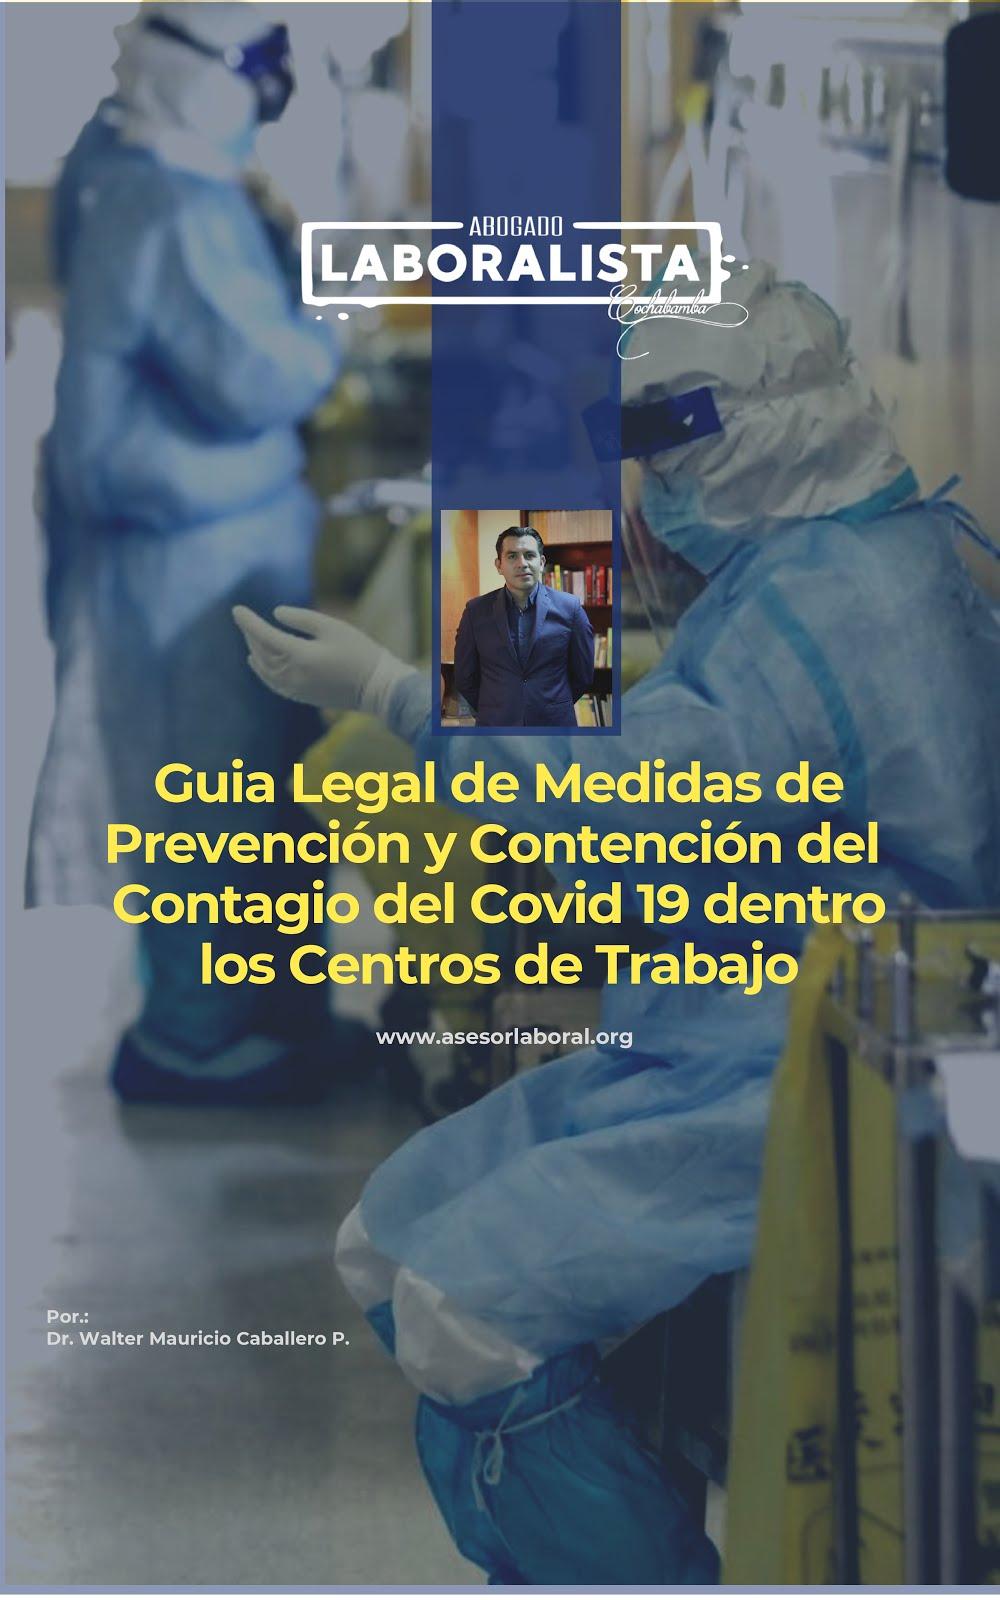 GUÍA LEGAL DE MEDIDAS DE PREVENCIÓN Y CONTENCIÓN DEL CONTAGIO DEL COVID 19 EN LOS CENTROS LABORALES